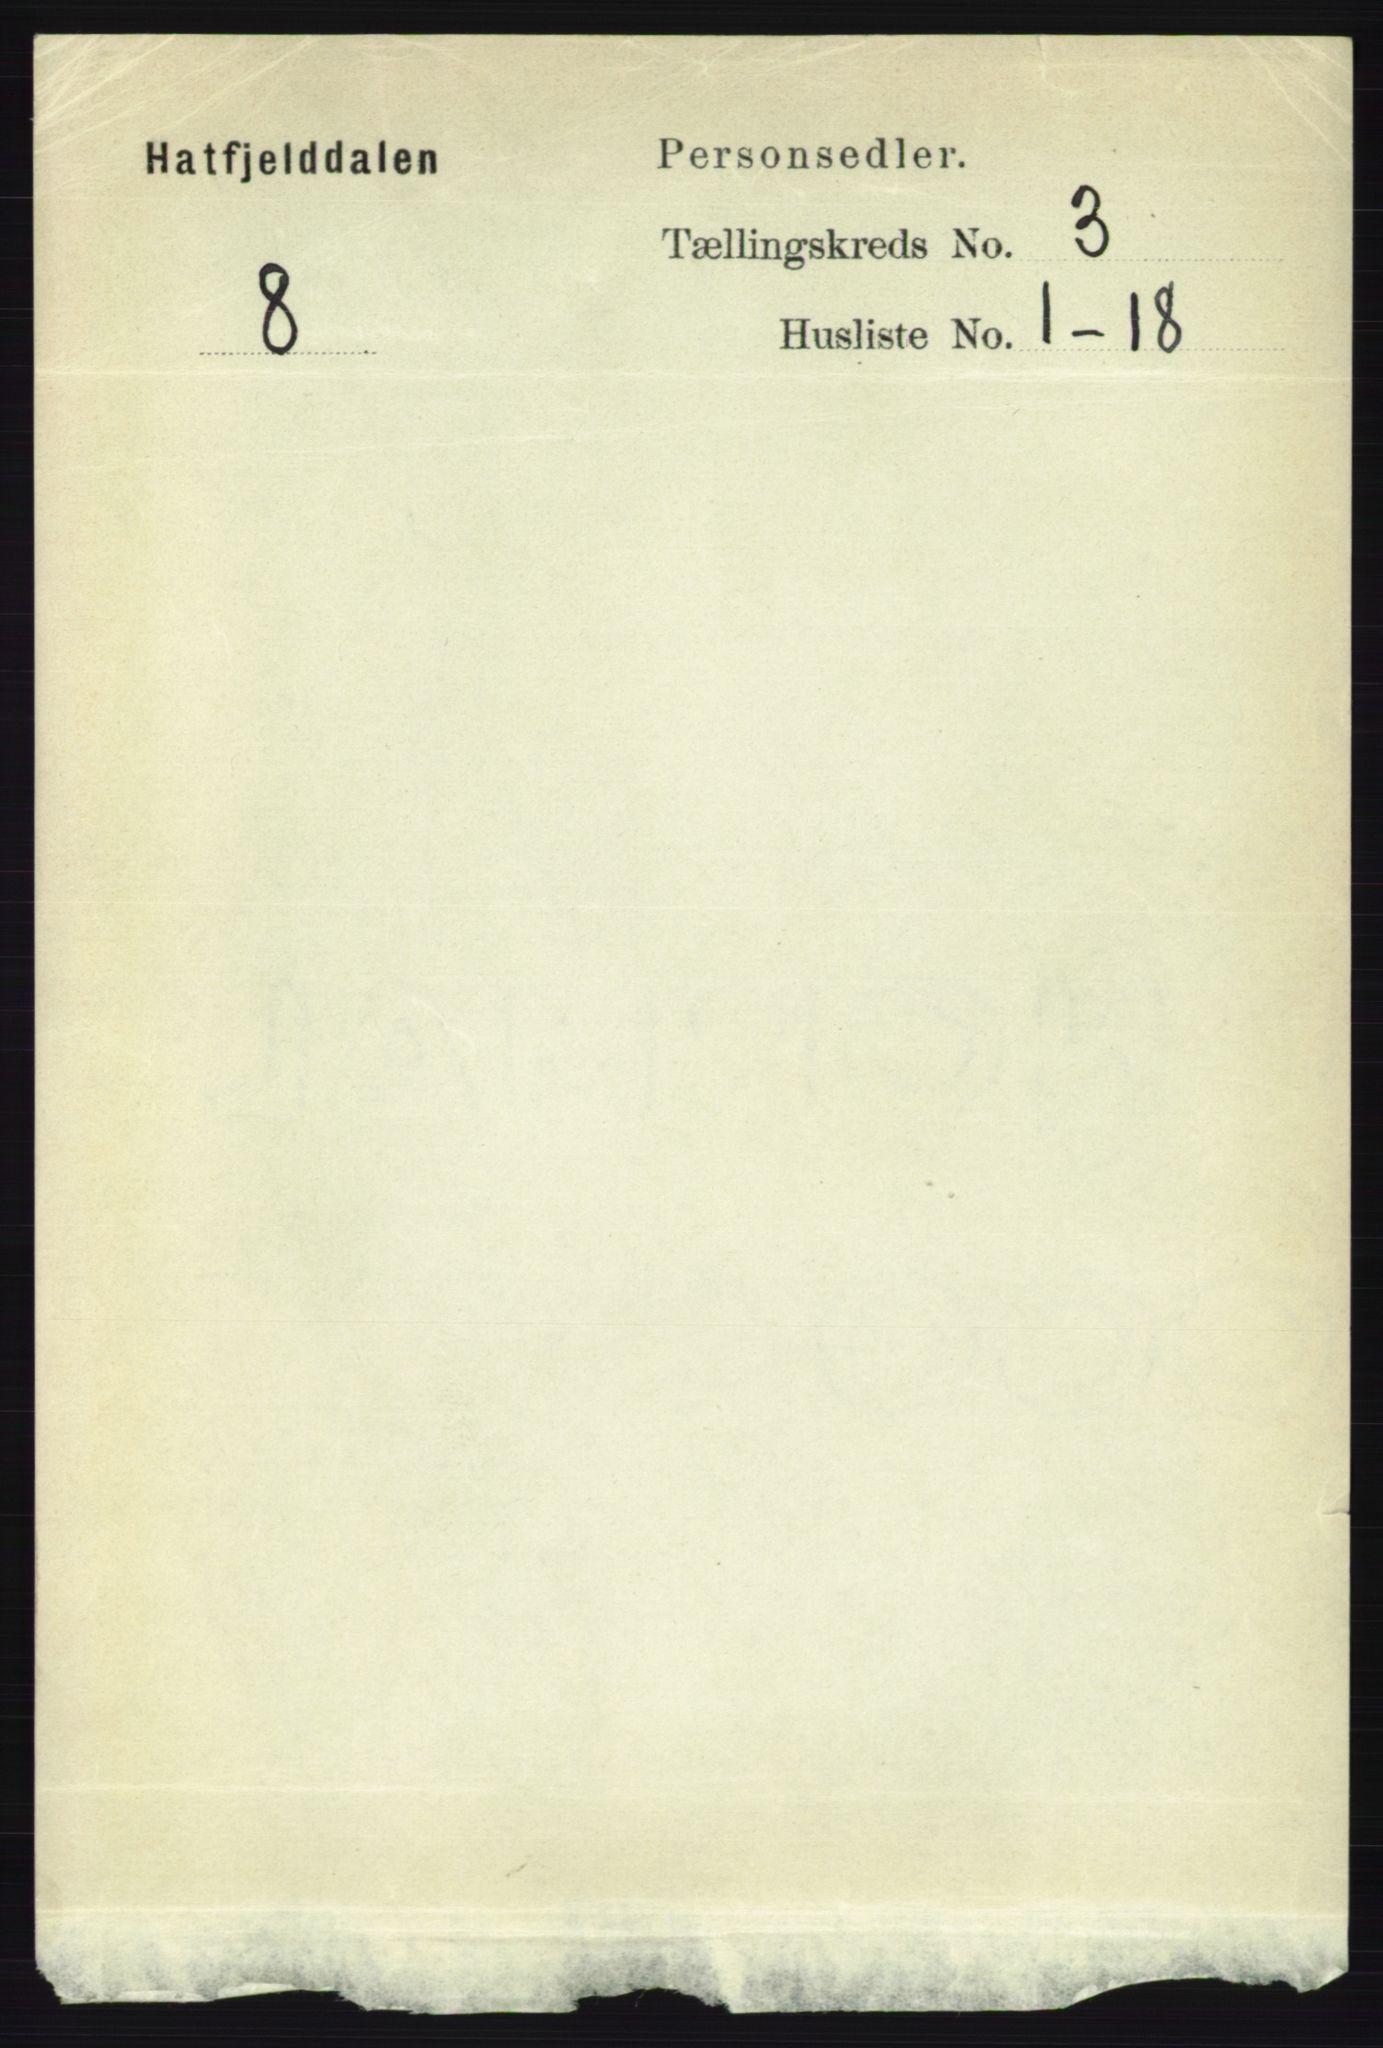 RA, Folketelling 1891 for 1826 Hattfjelldal herred, 1891, s. 631